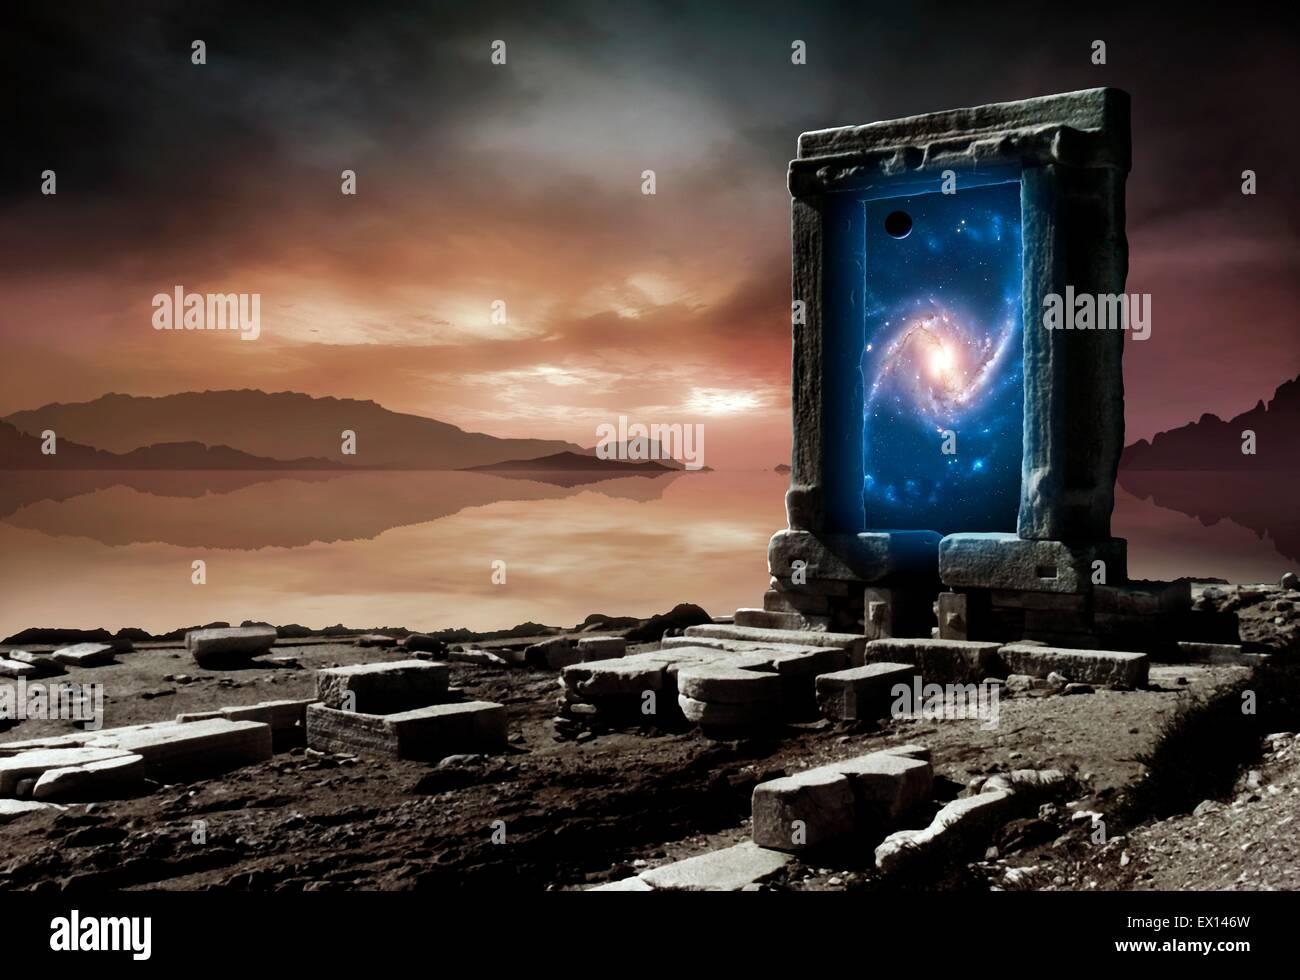 Konzeptuellen Kunstwerk Repräsentieren Eine Interdimensionale Tor